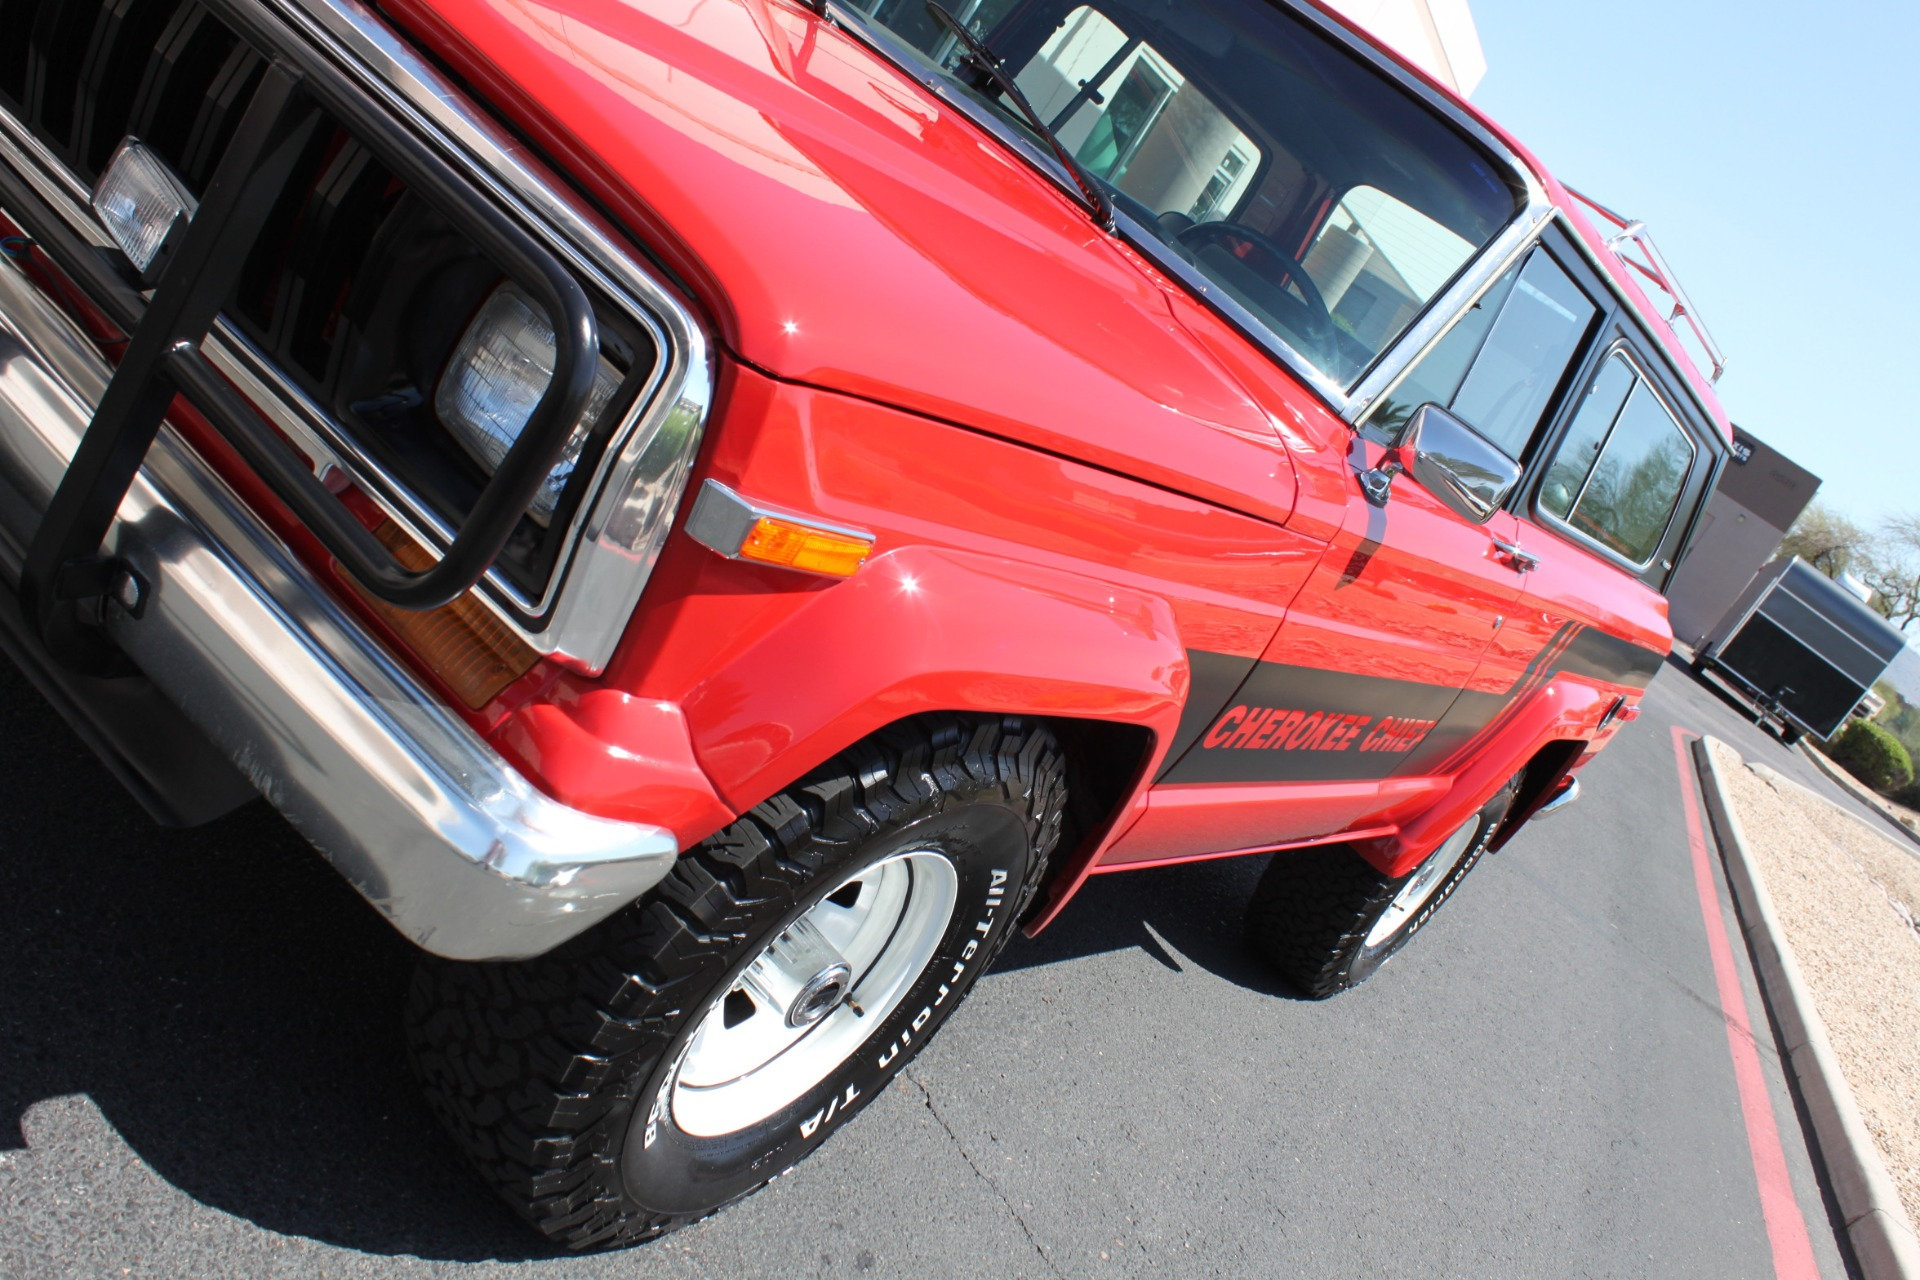 Used-1983-Jeep-Cherokee-4WD-Chief-Grand-Cherokee